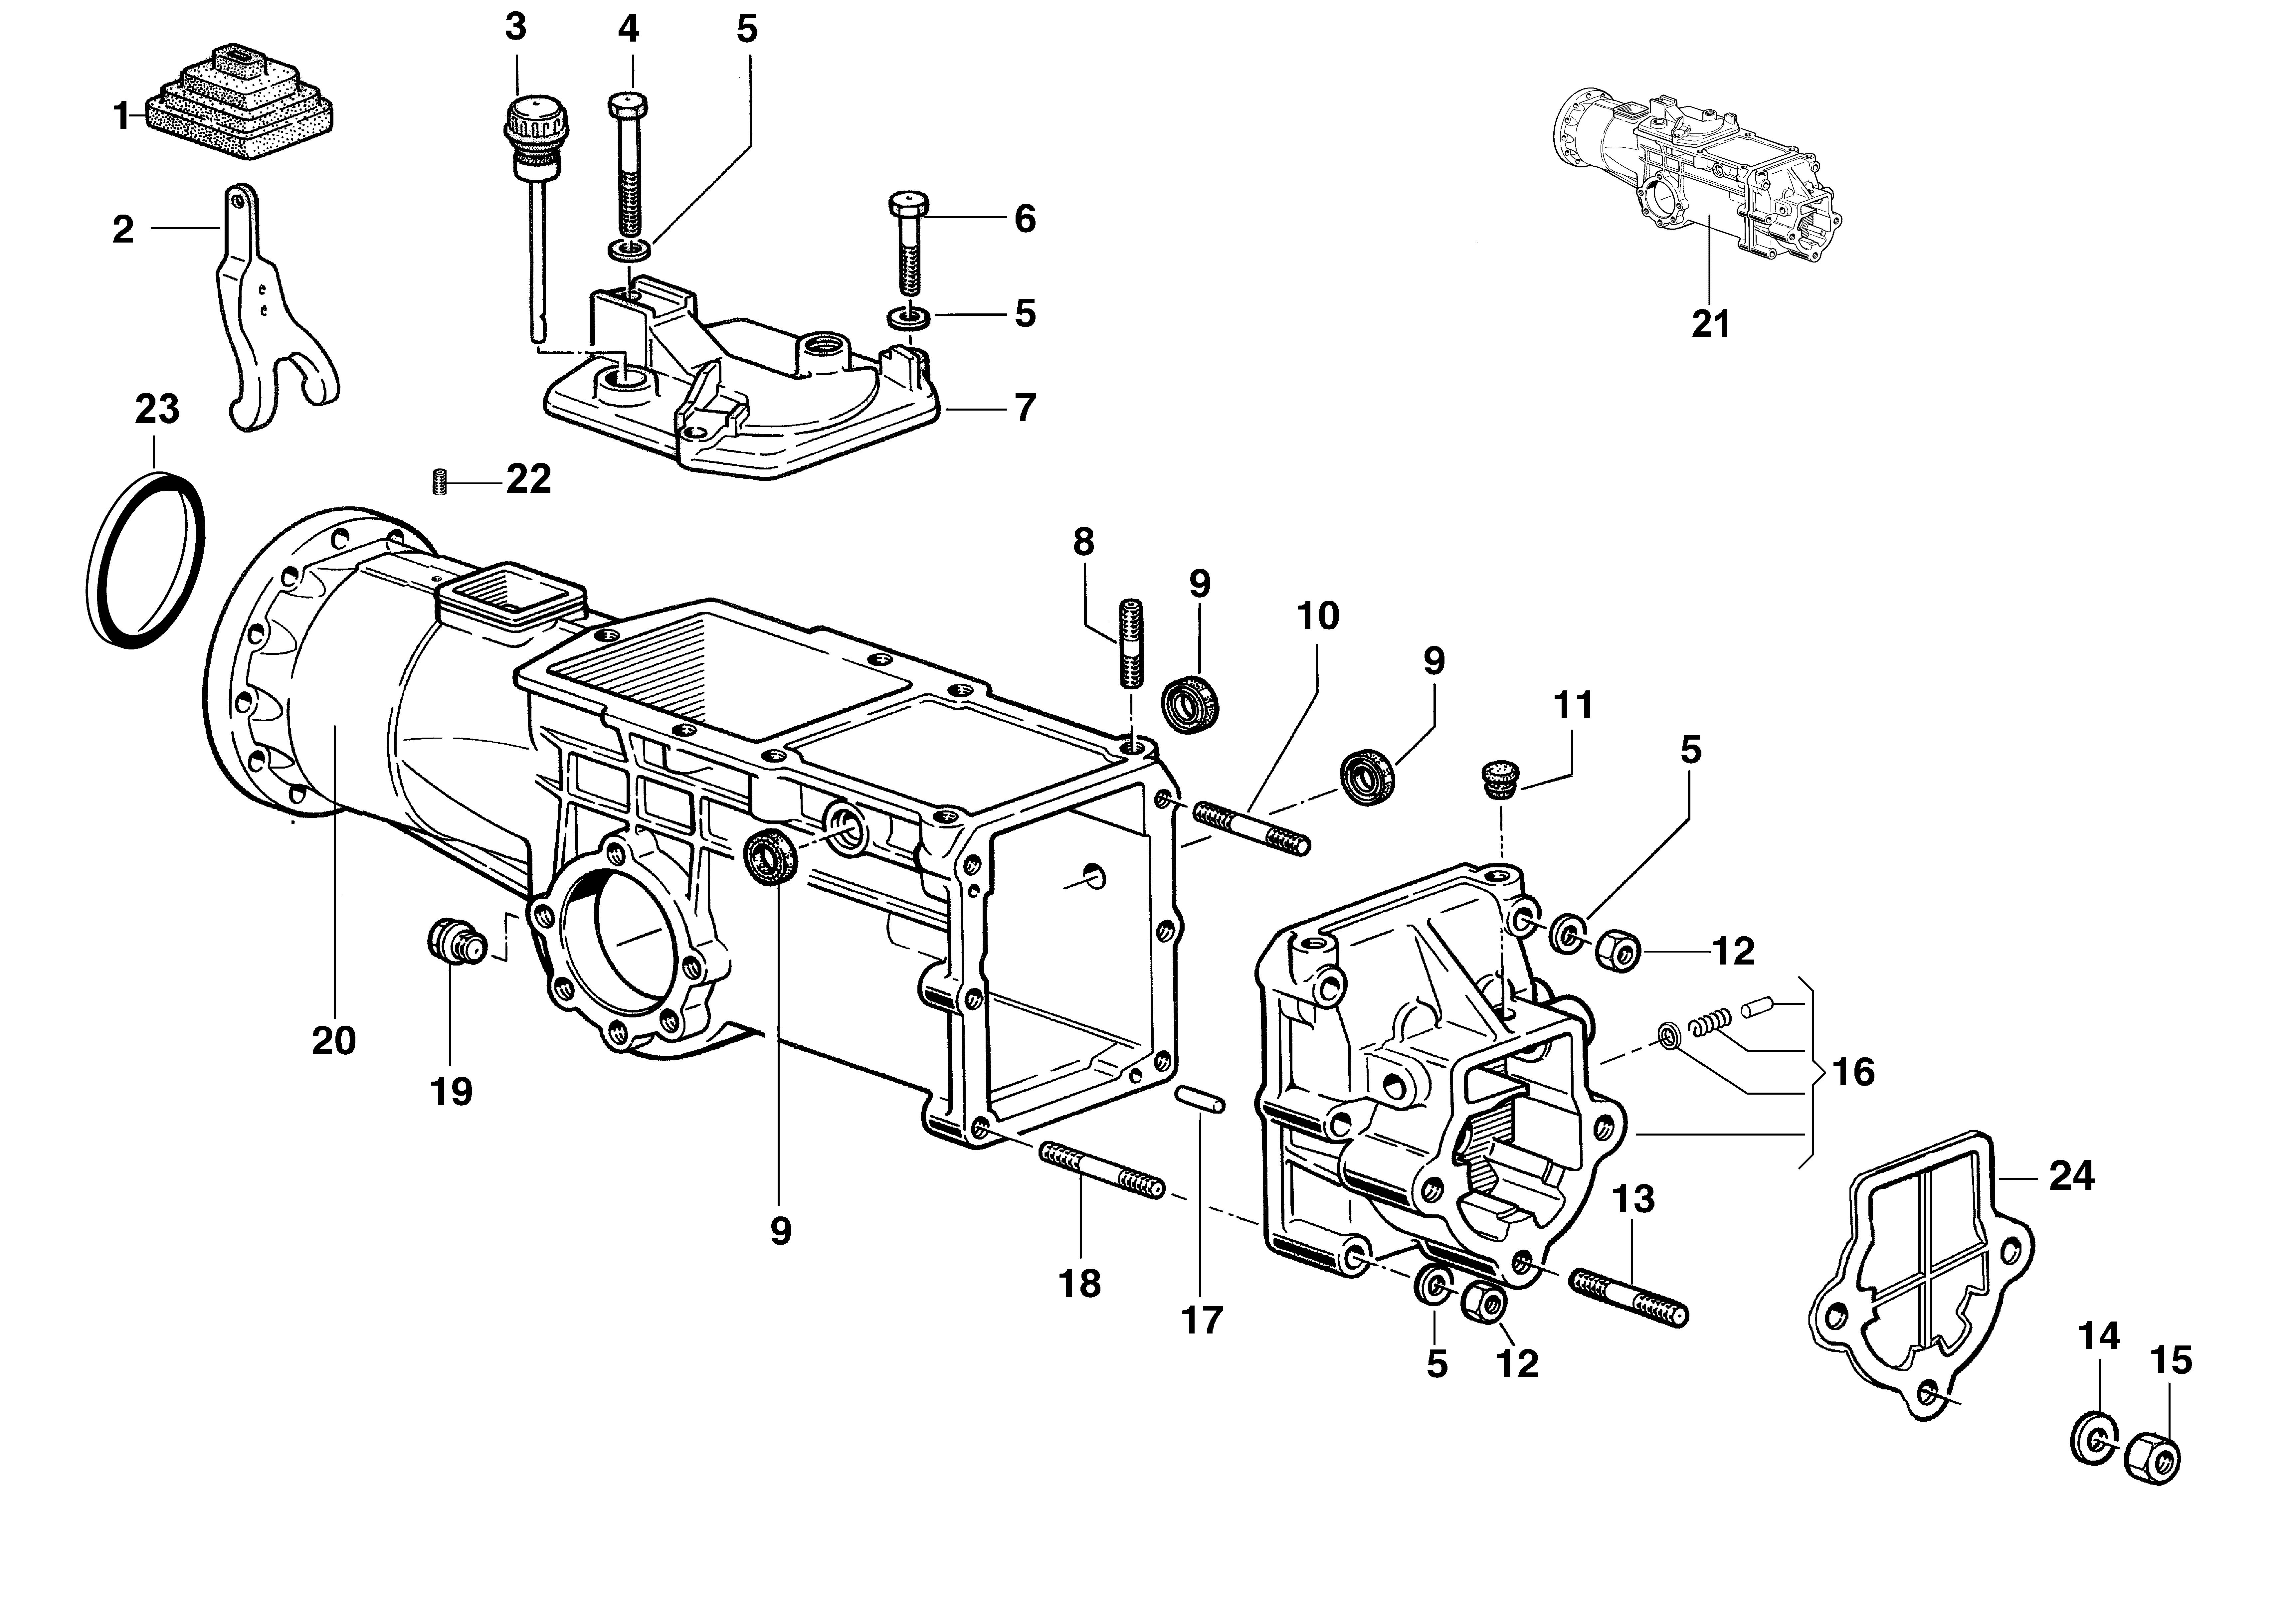 KAM 5 HF (EN 709) Motoculteur  Motoculteur OLEOMAC NIBBI vue éclatée  Dessins pièces -  Boite à vitesse